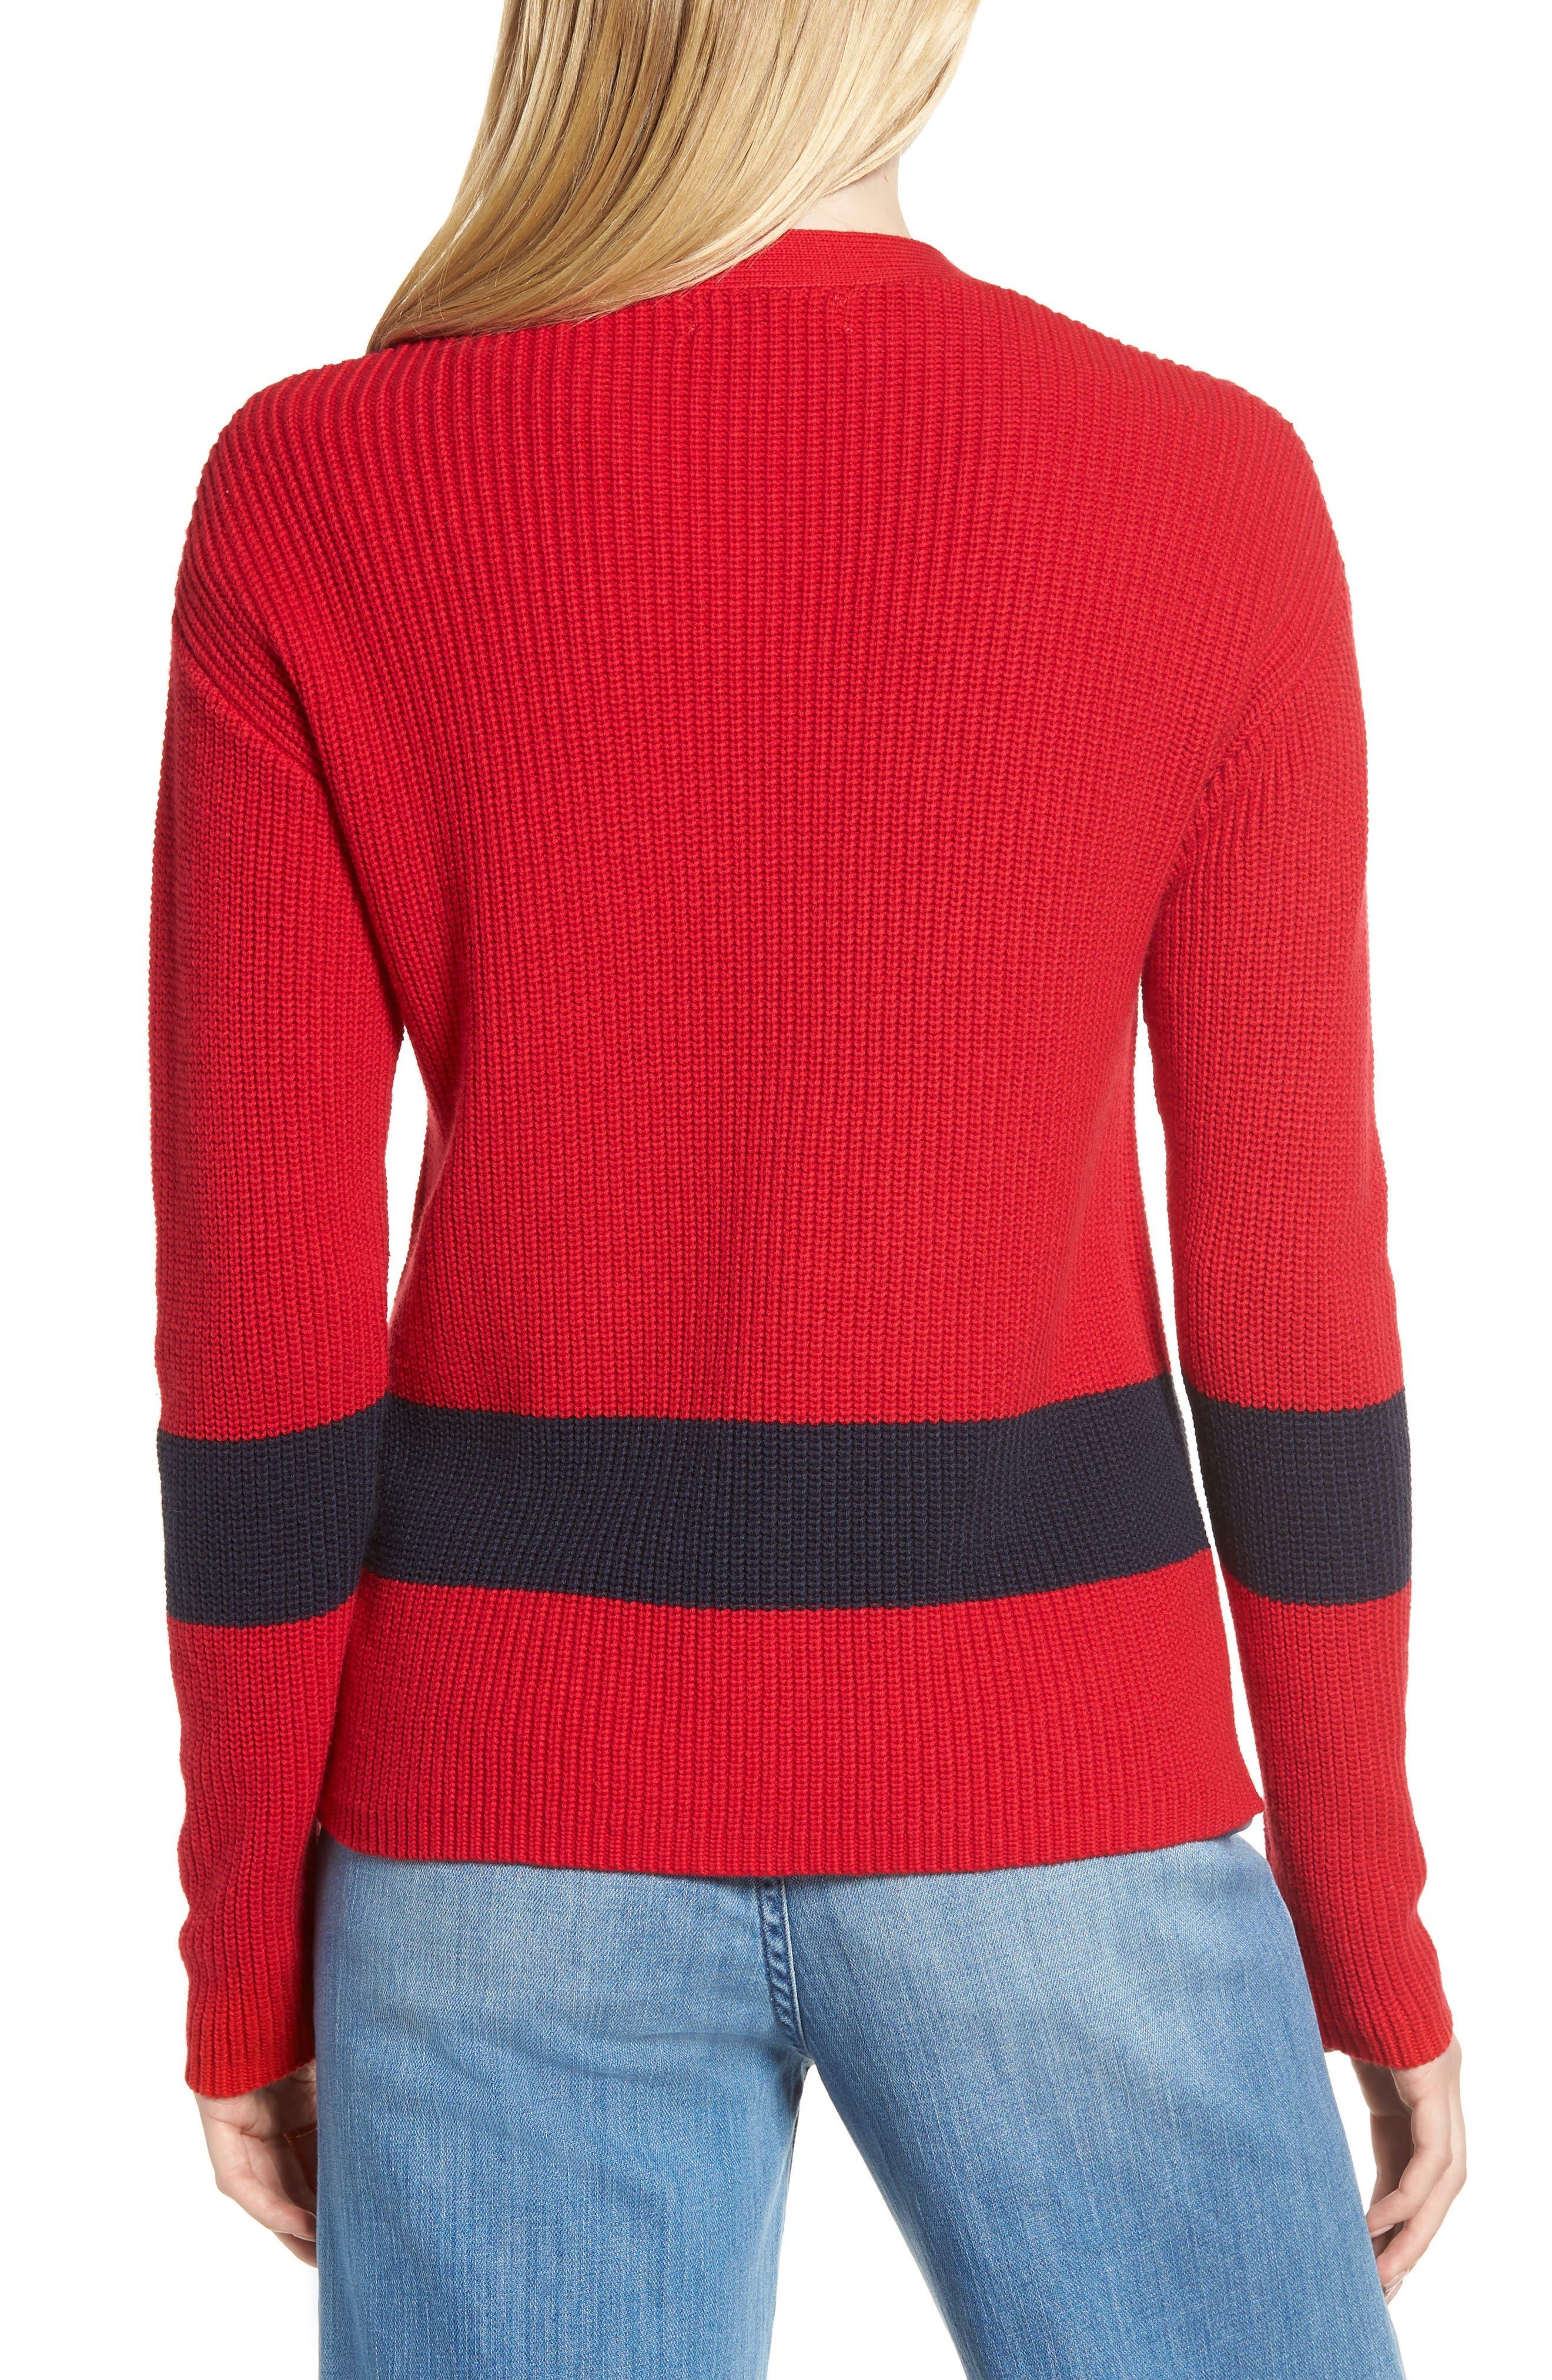 Shaker Knit Cardigan,                             Alternate thumbnail 12, color,